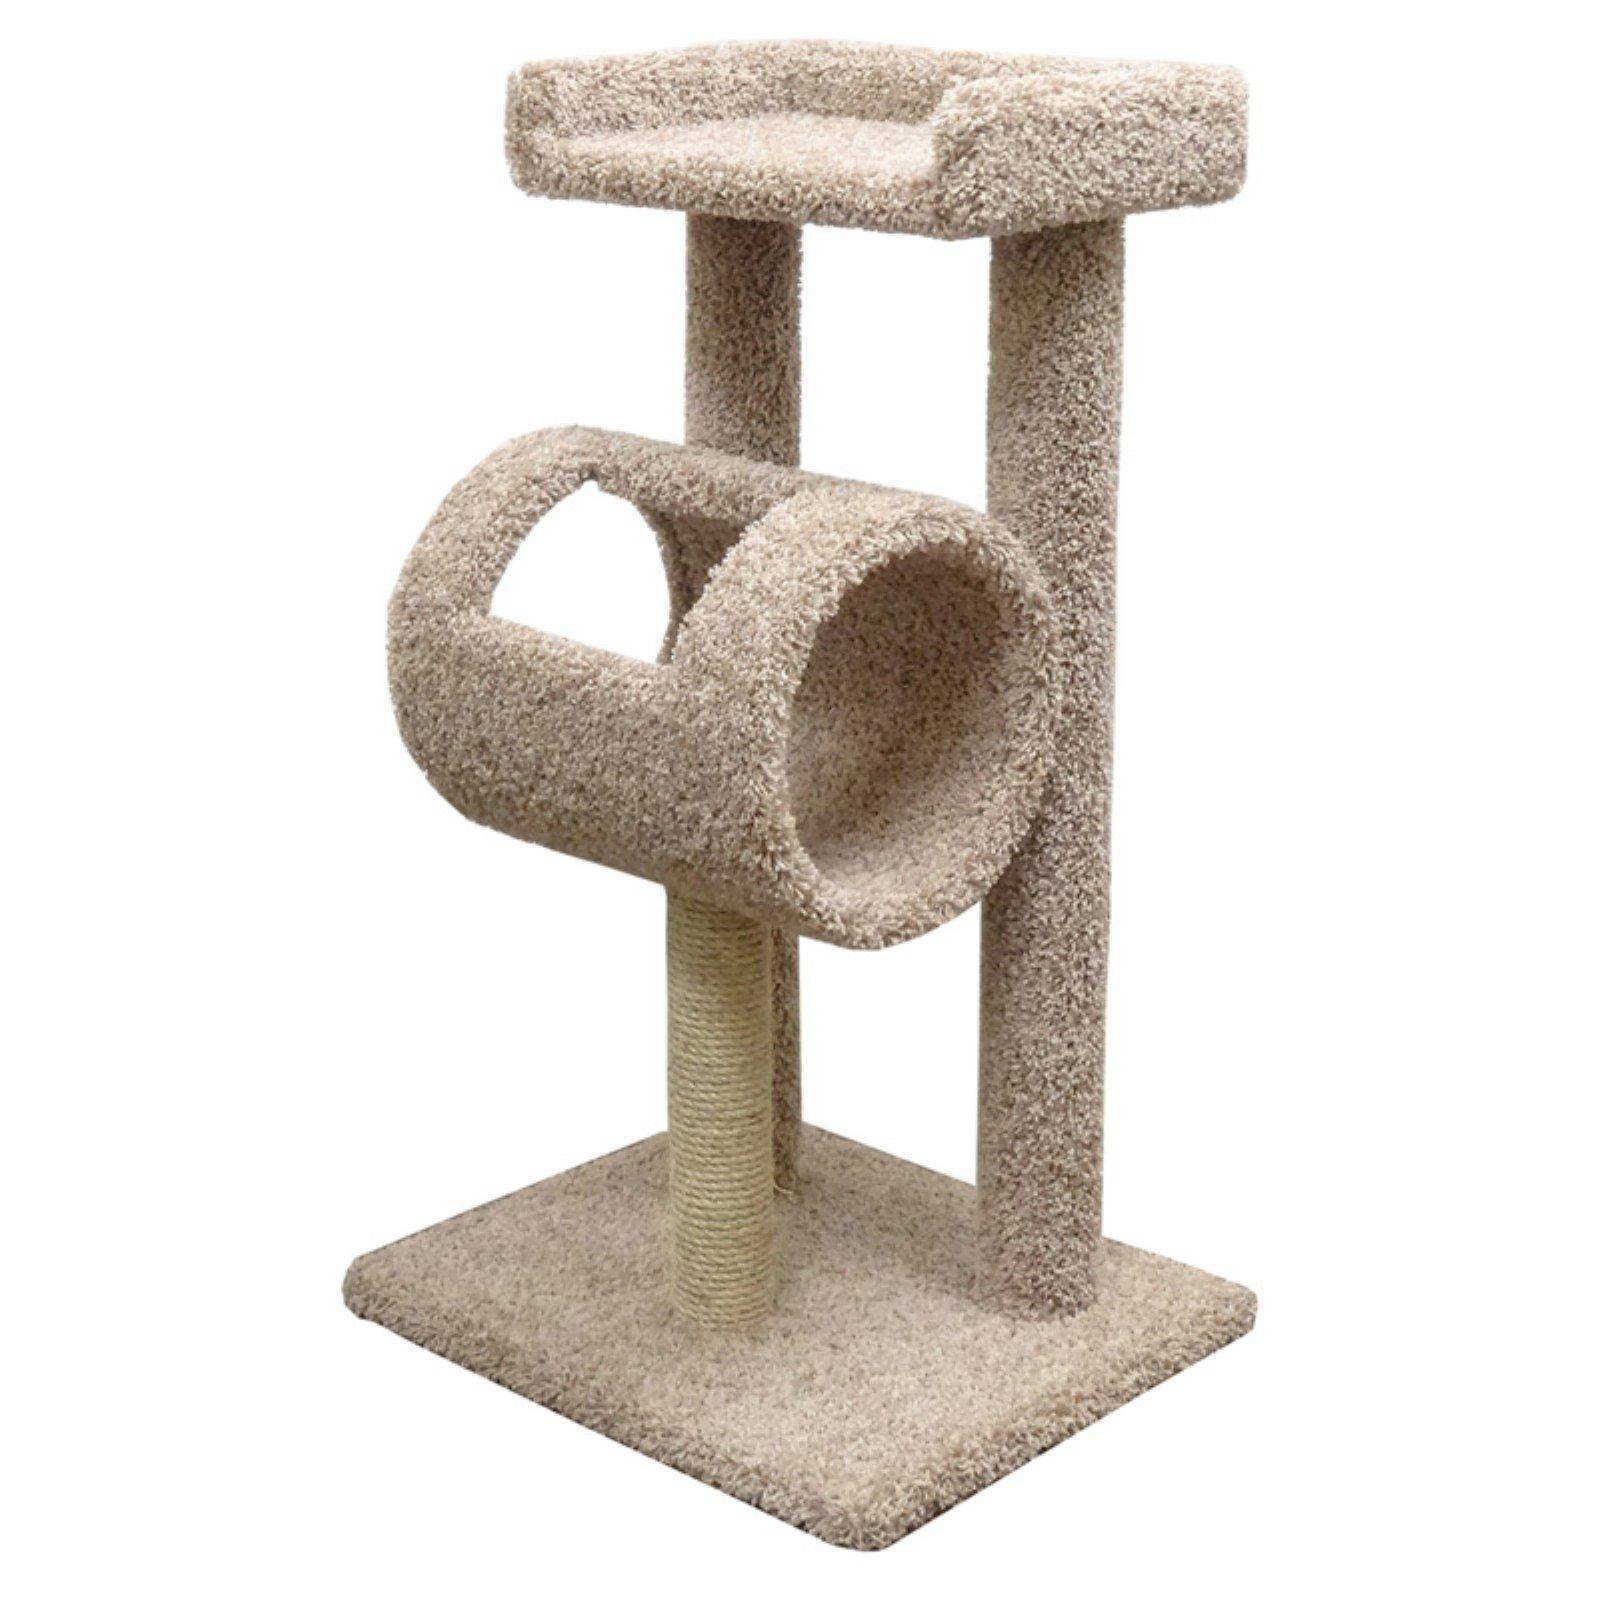 New Cat Condos Premiere 44 in. Cat Climber Cat Tree